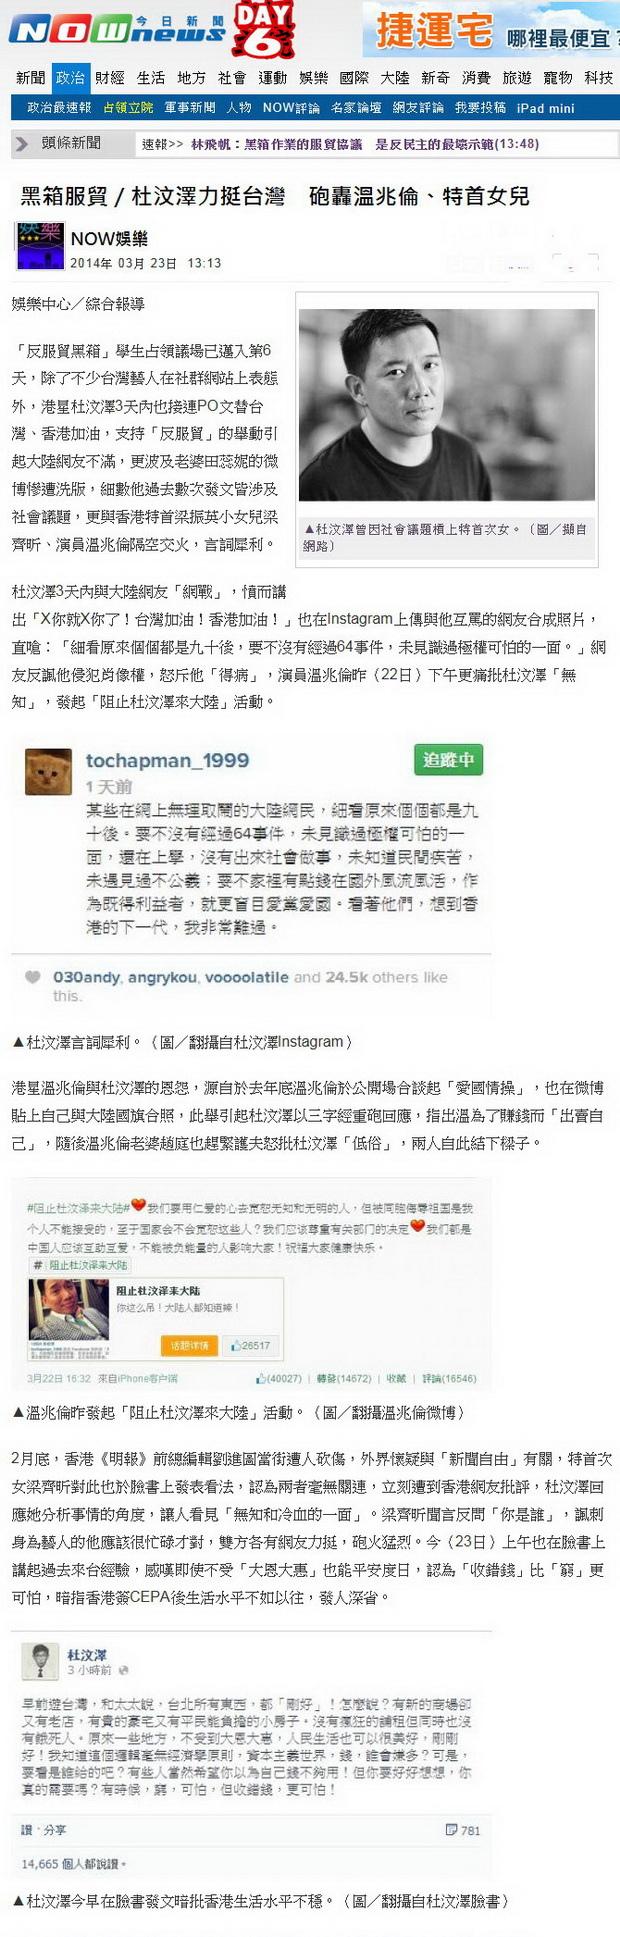 杜汶澤力挺台灣 砲轟溫兆倫、特首女兒 -2014.03.23-02.jpg